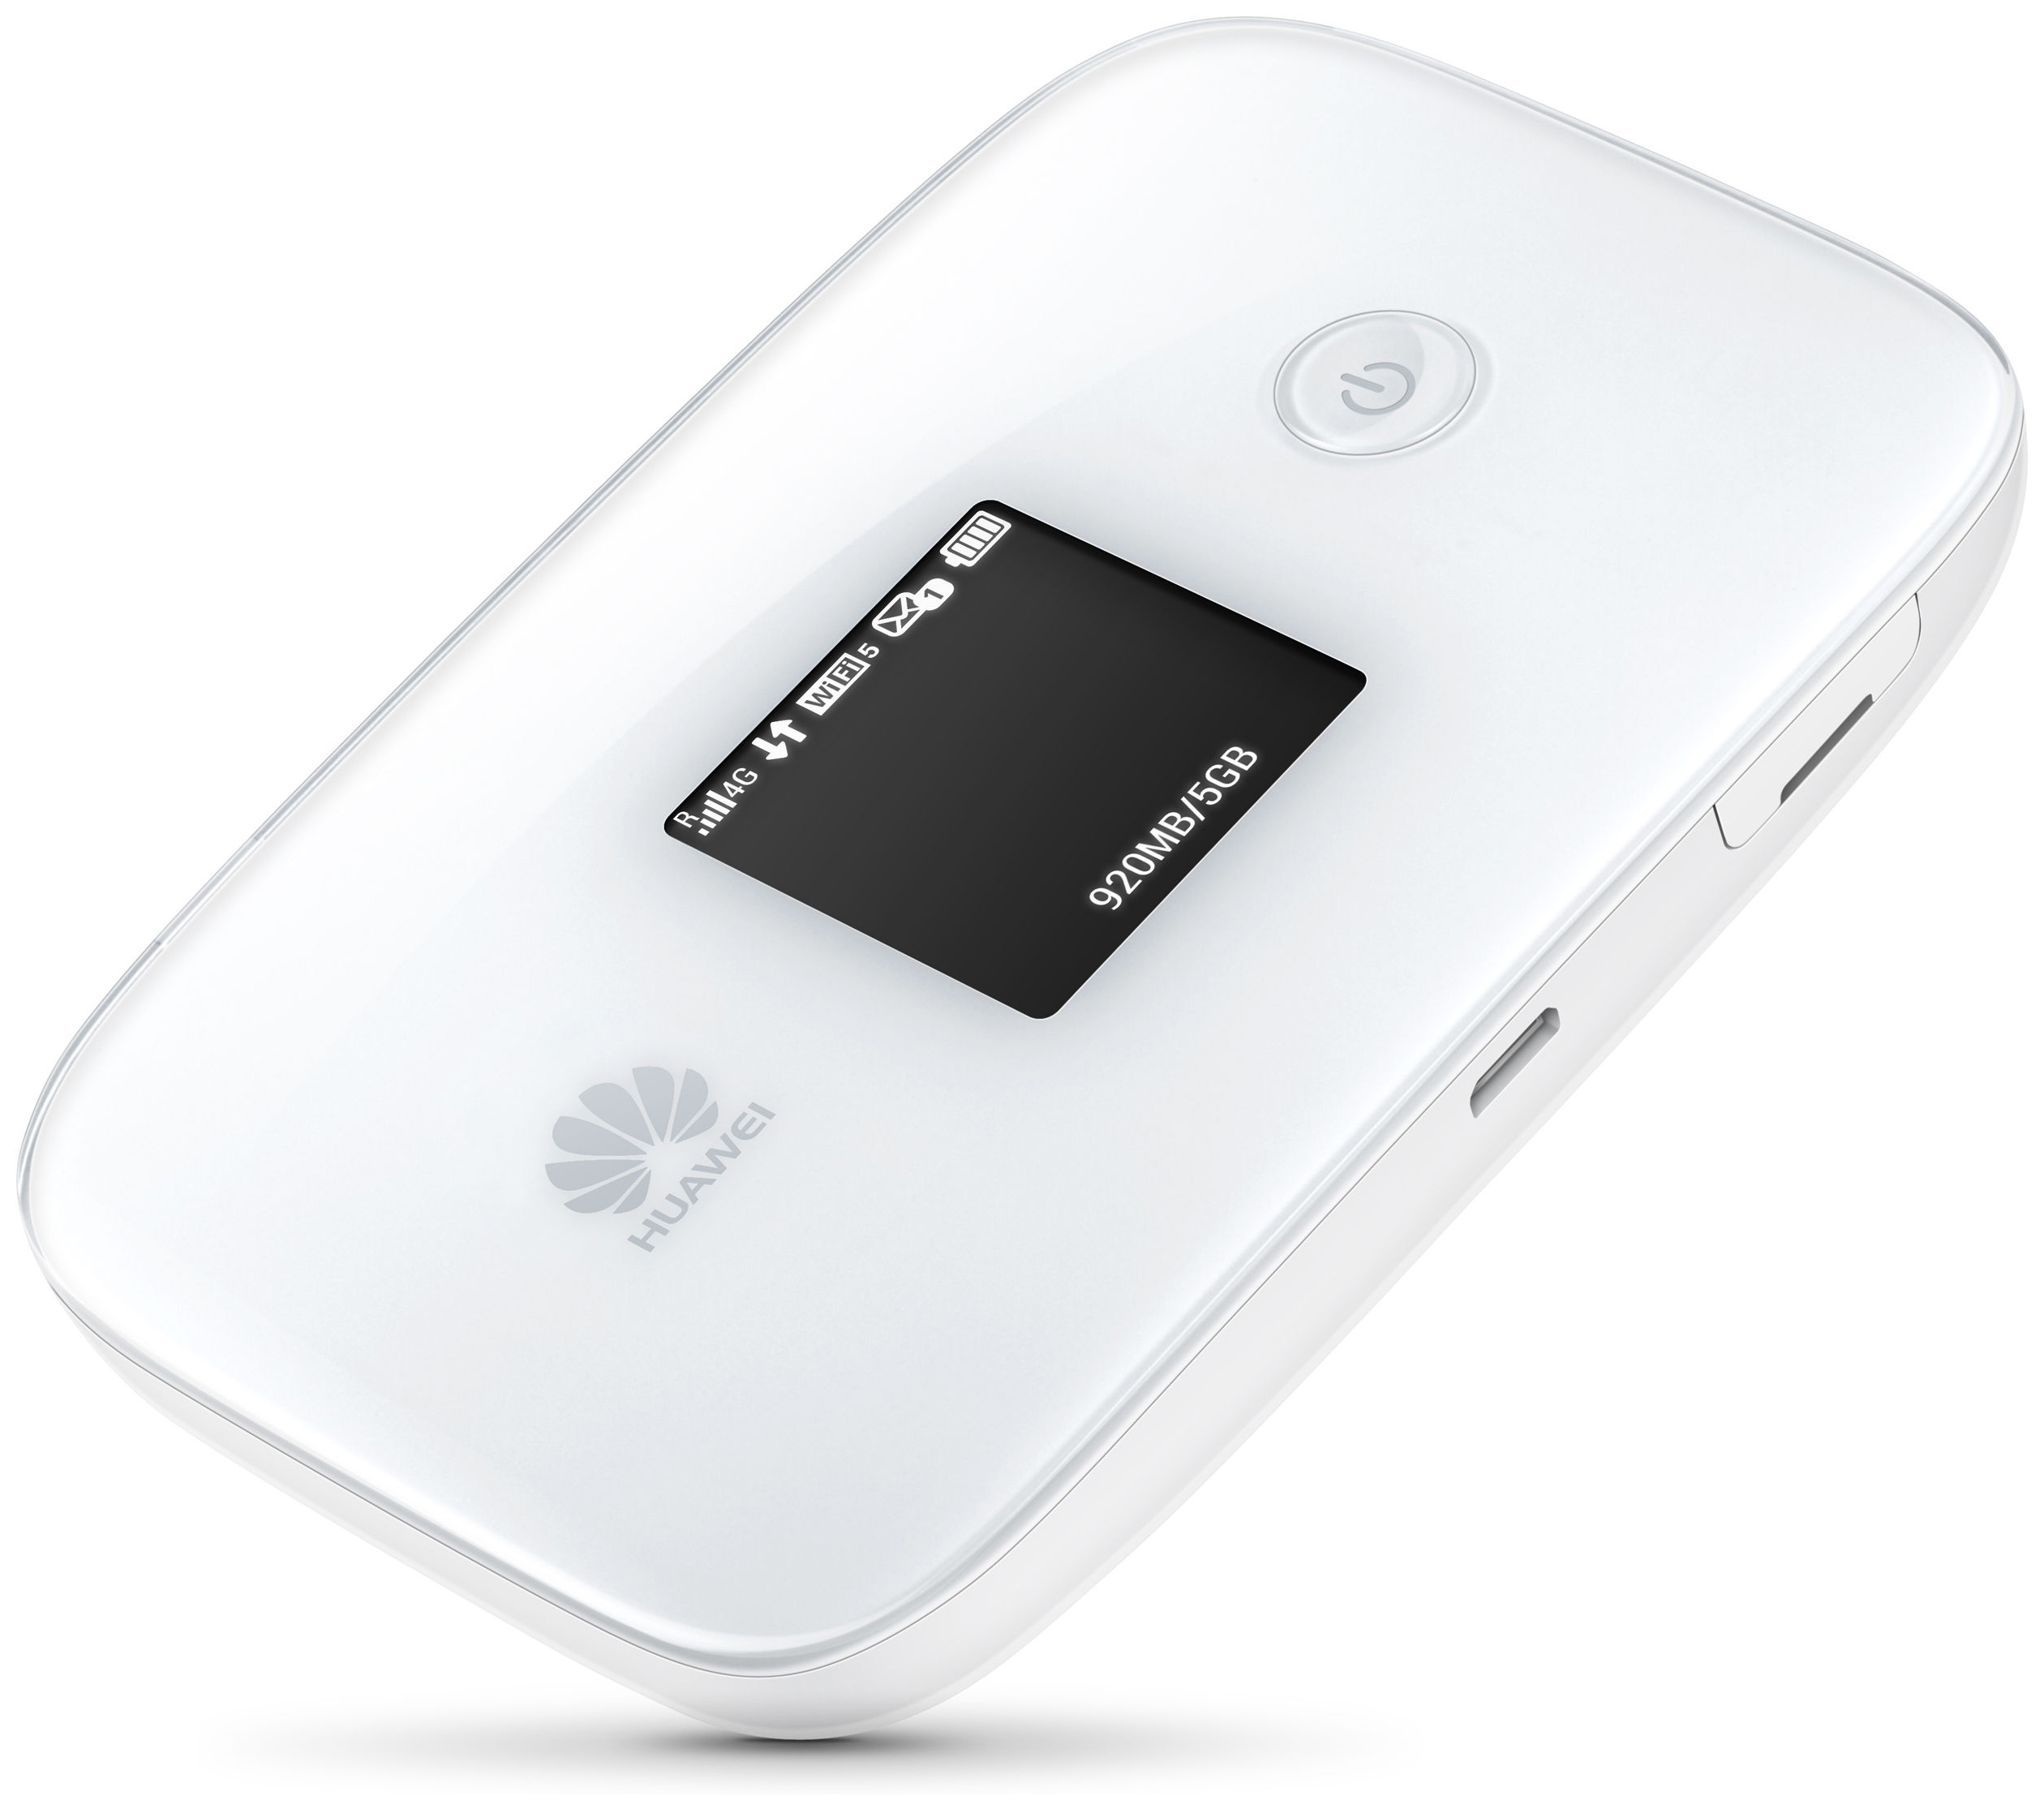 Après Free, SFR se lance à son tour dans la 4G illimitée